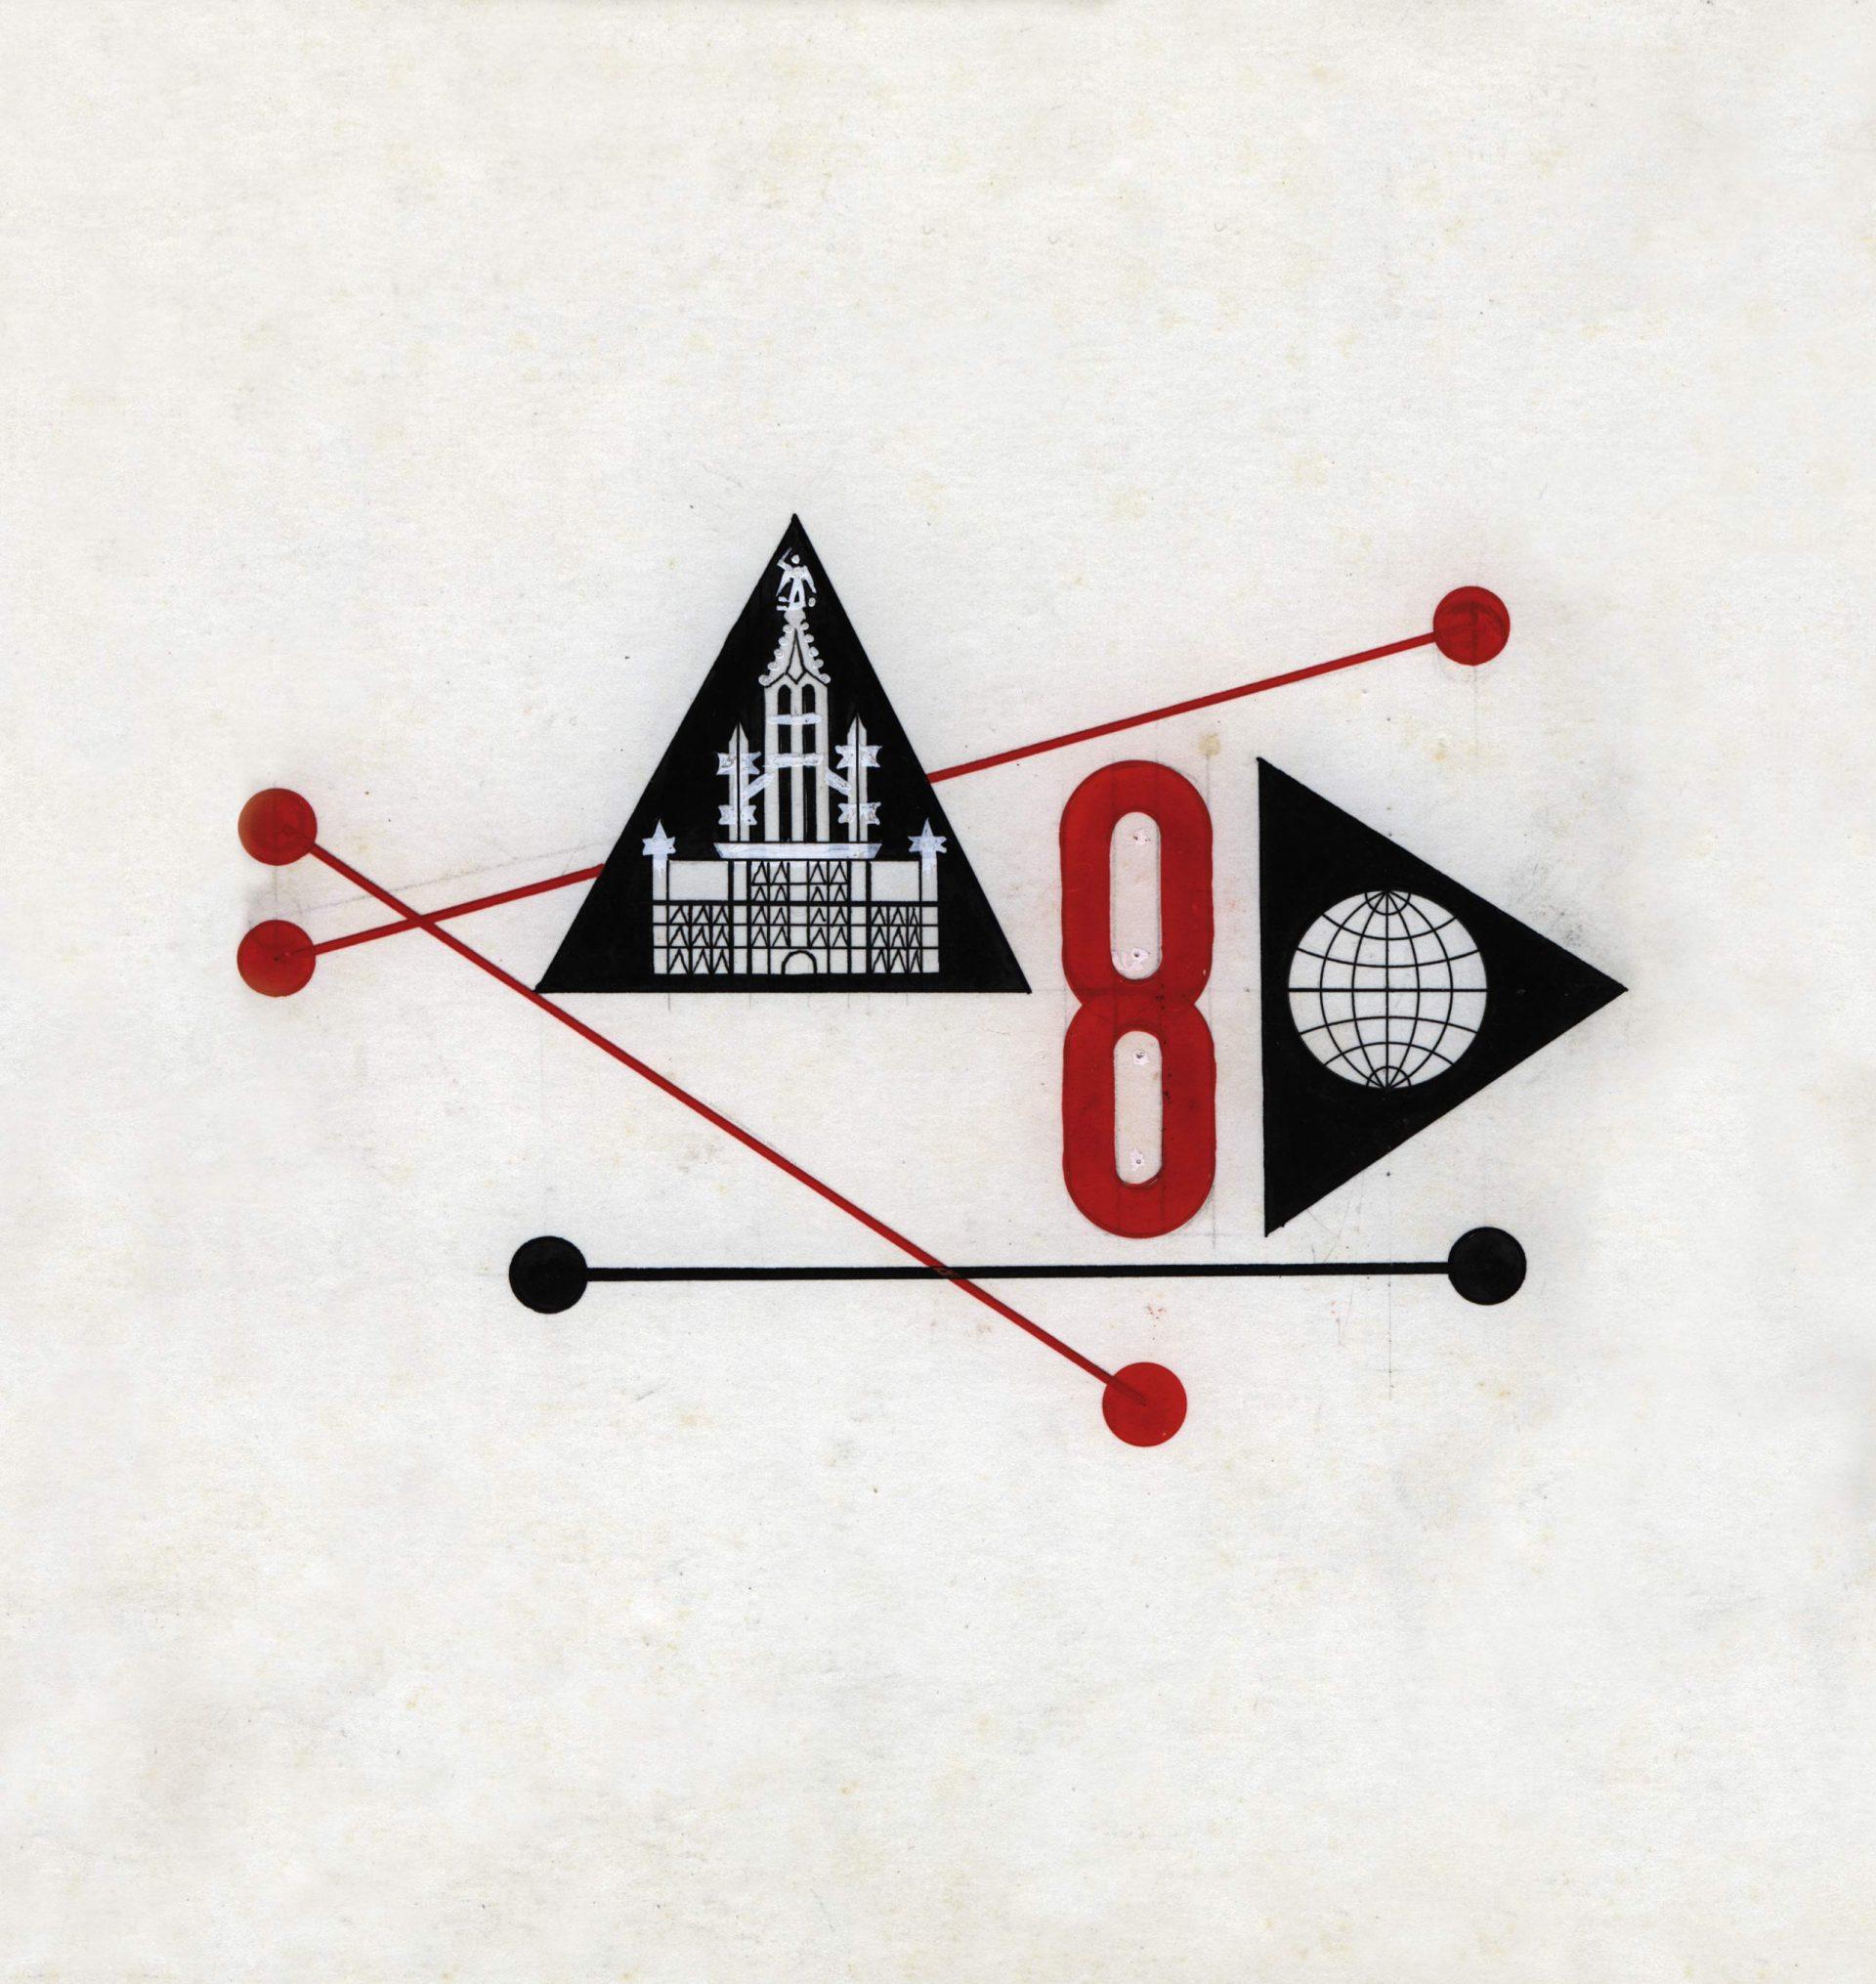 Lucien De Roeck - voorstudie 2 Logo Expo 58